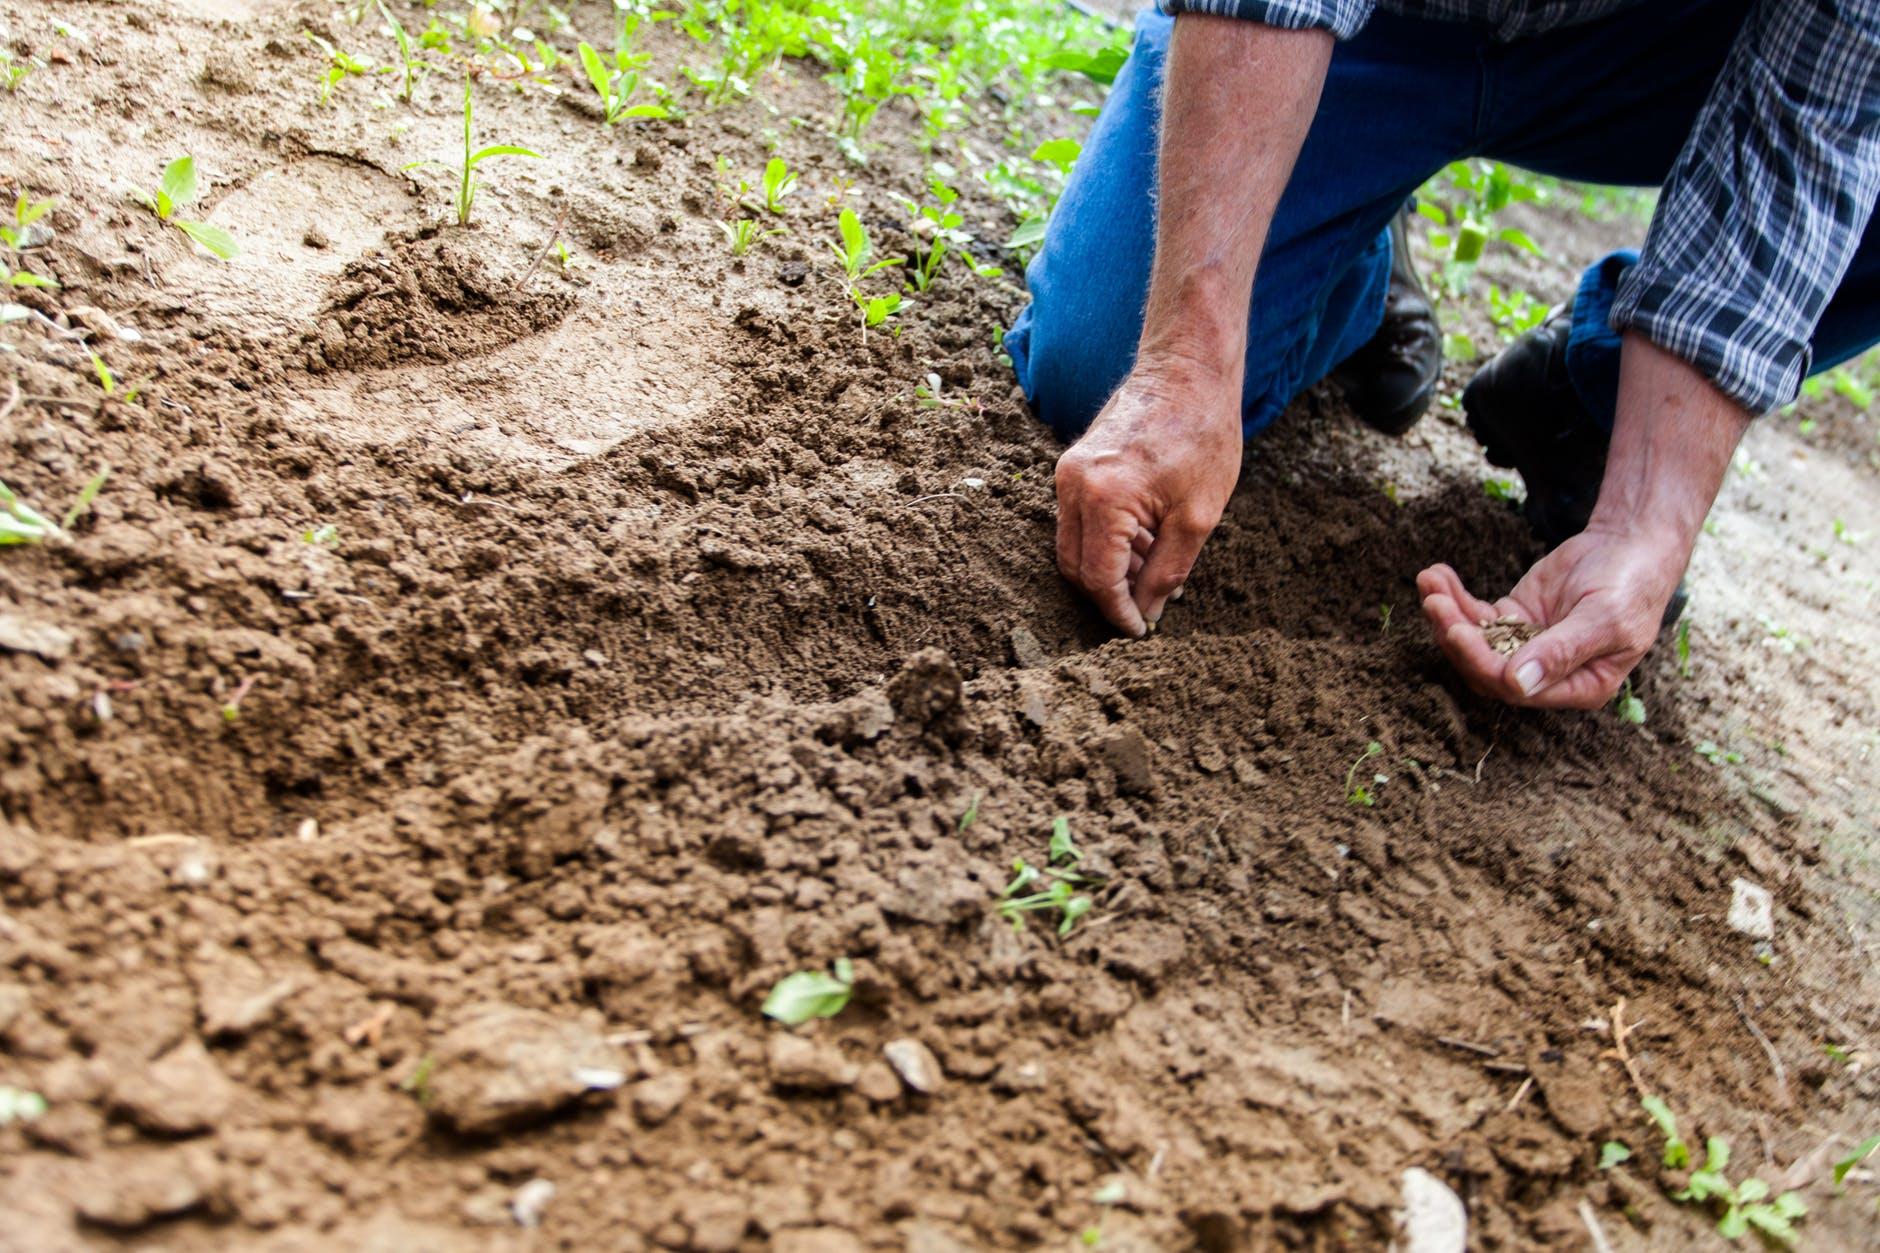 Pérdidas millonarias en el sector agrícola por bajas temperaturas